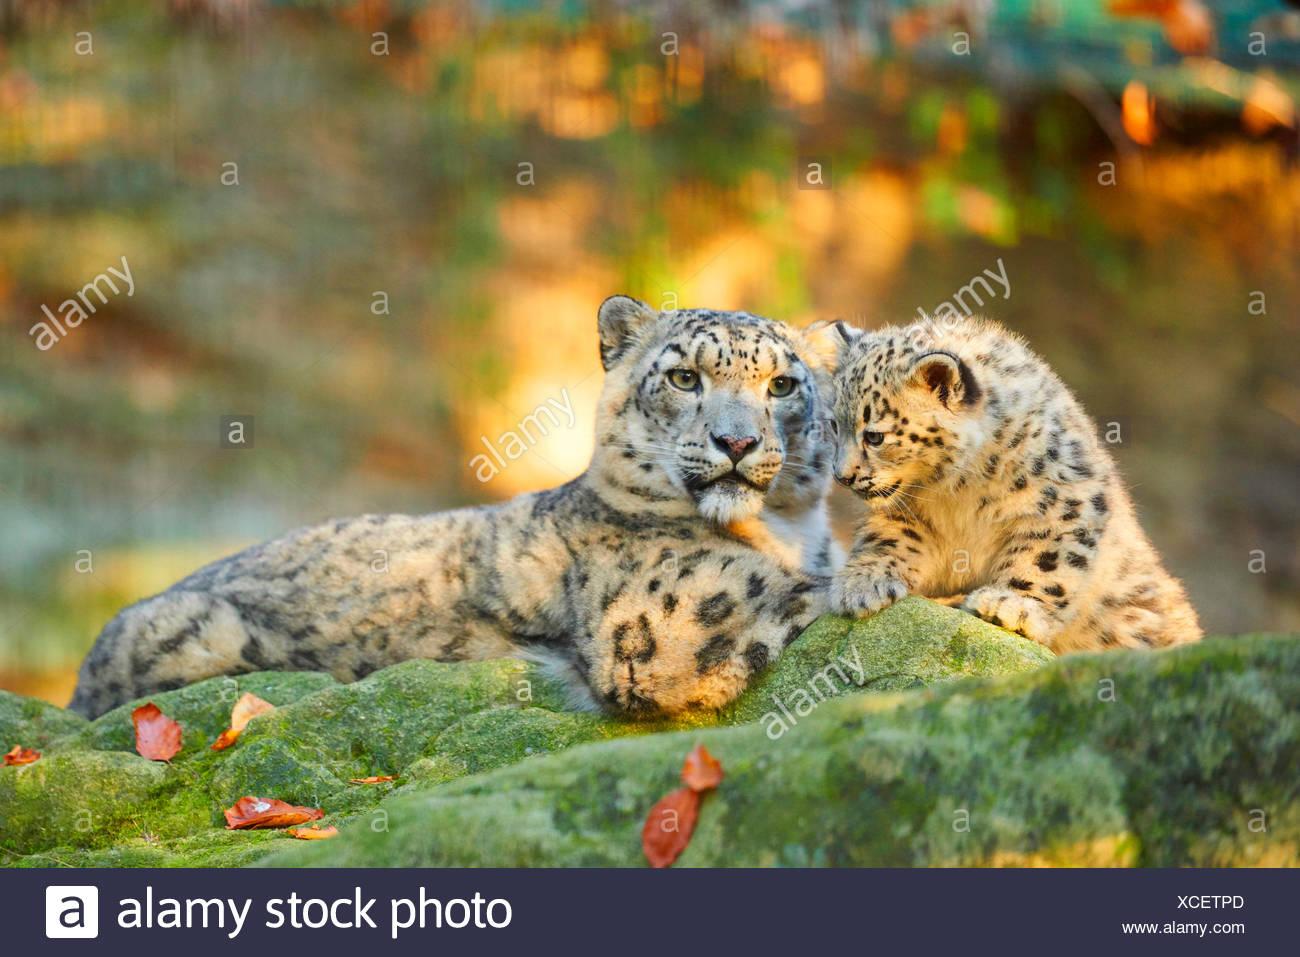 Snow Leopard (Uncia uncia, Panthera uncia), leopardesses giacente con un ragazzo su una roccia di muschio Immagini Stock